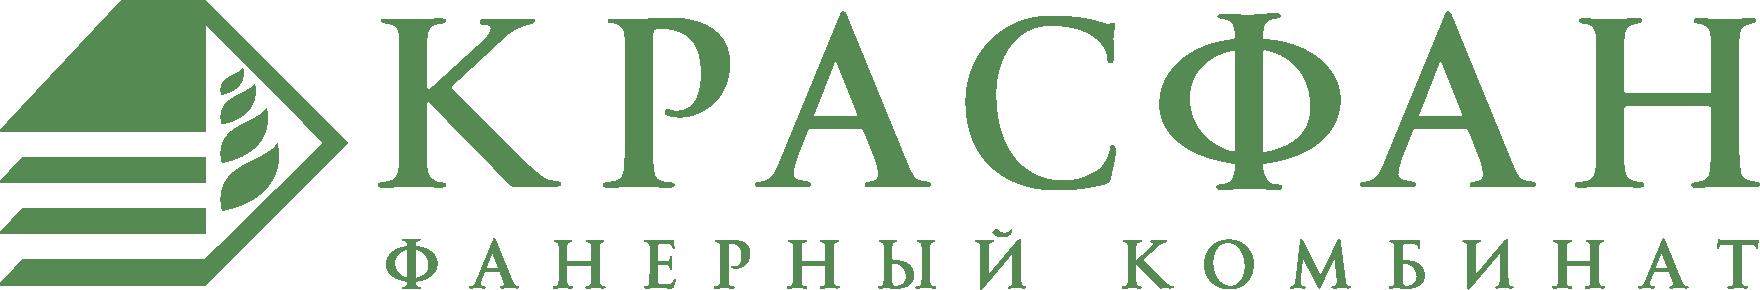 new_krasfan_logo (1)